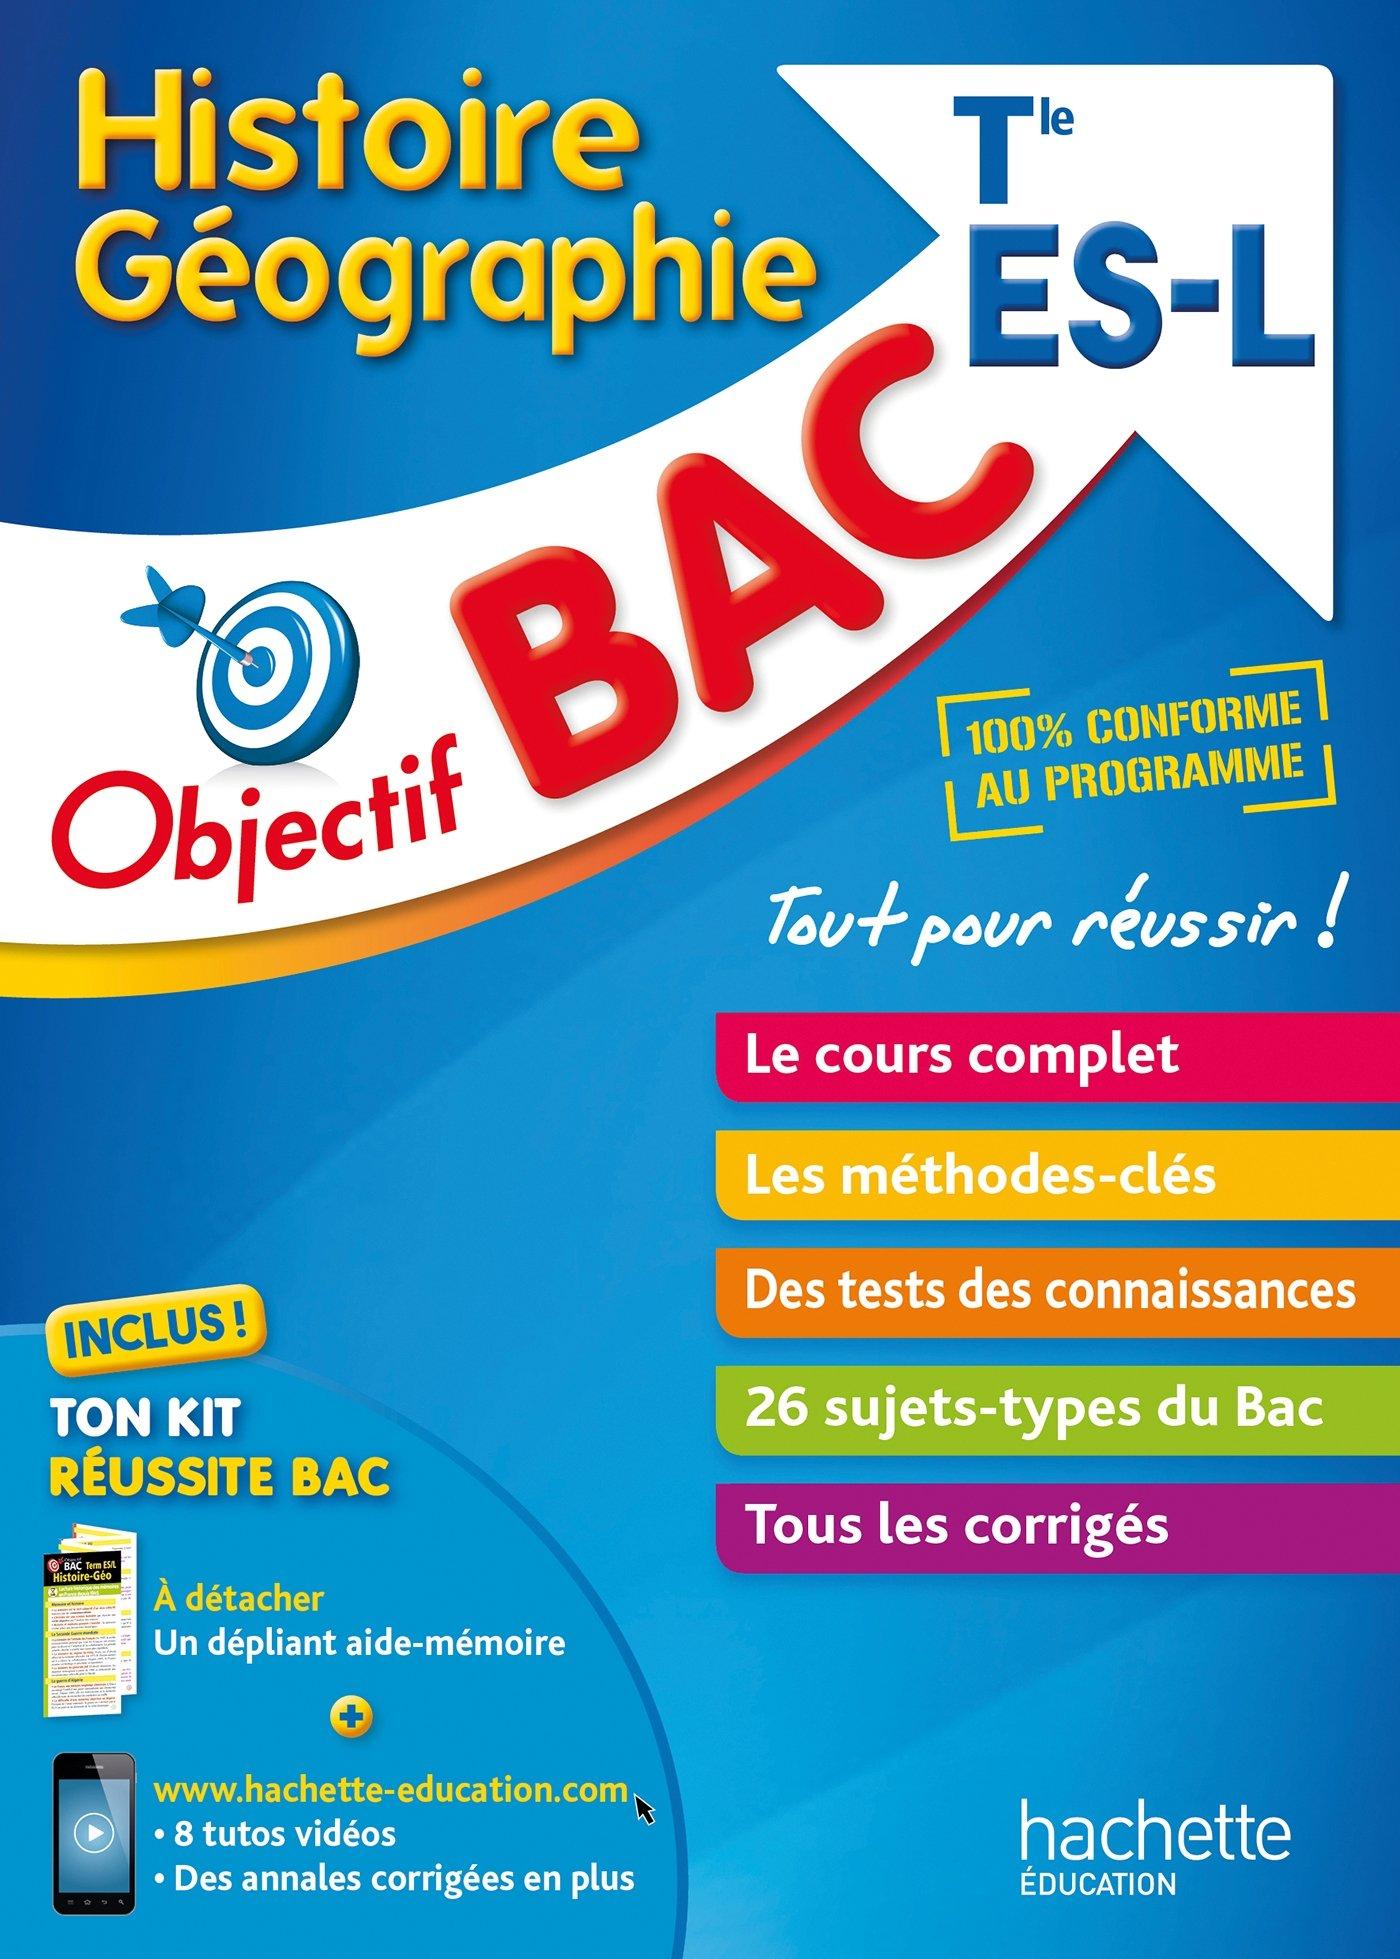 Histoire Géographie Tle ES/L (French) Paperback – June 28, 2017